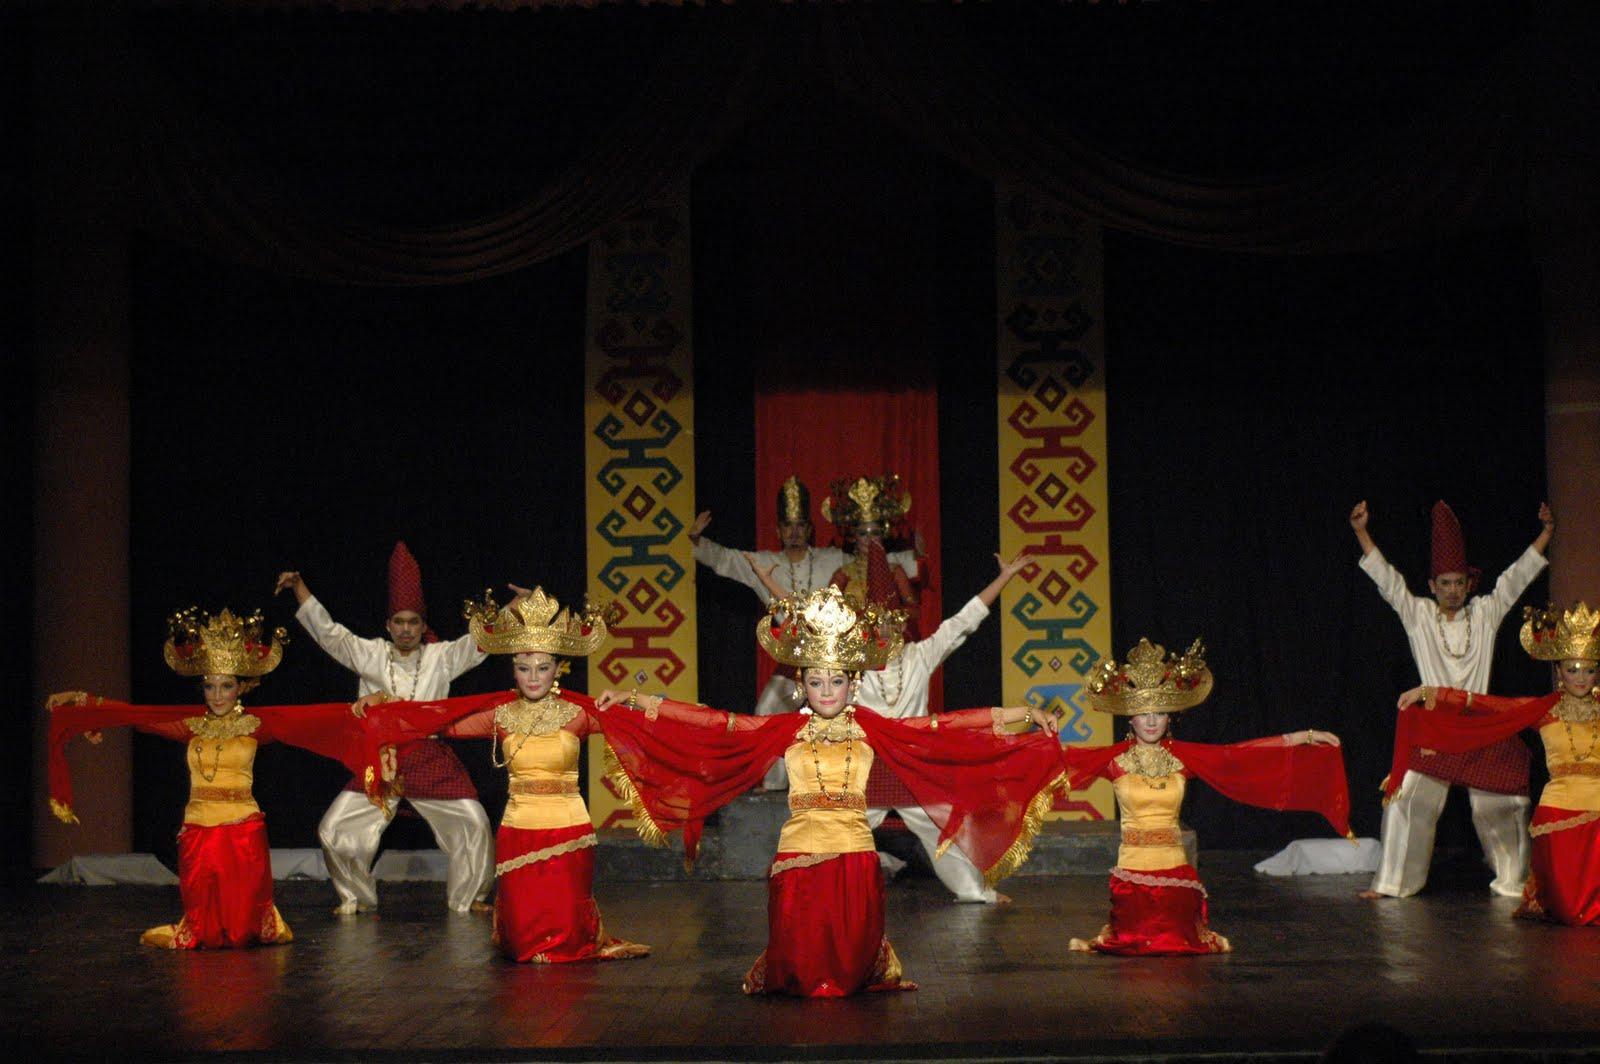 Ulun Lampung Tari Taman Budaya Helat Lomba Koreografi Bandar Lampost